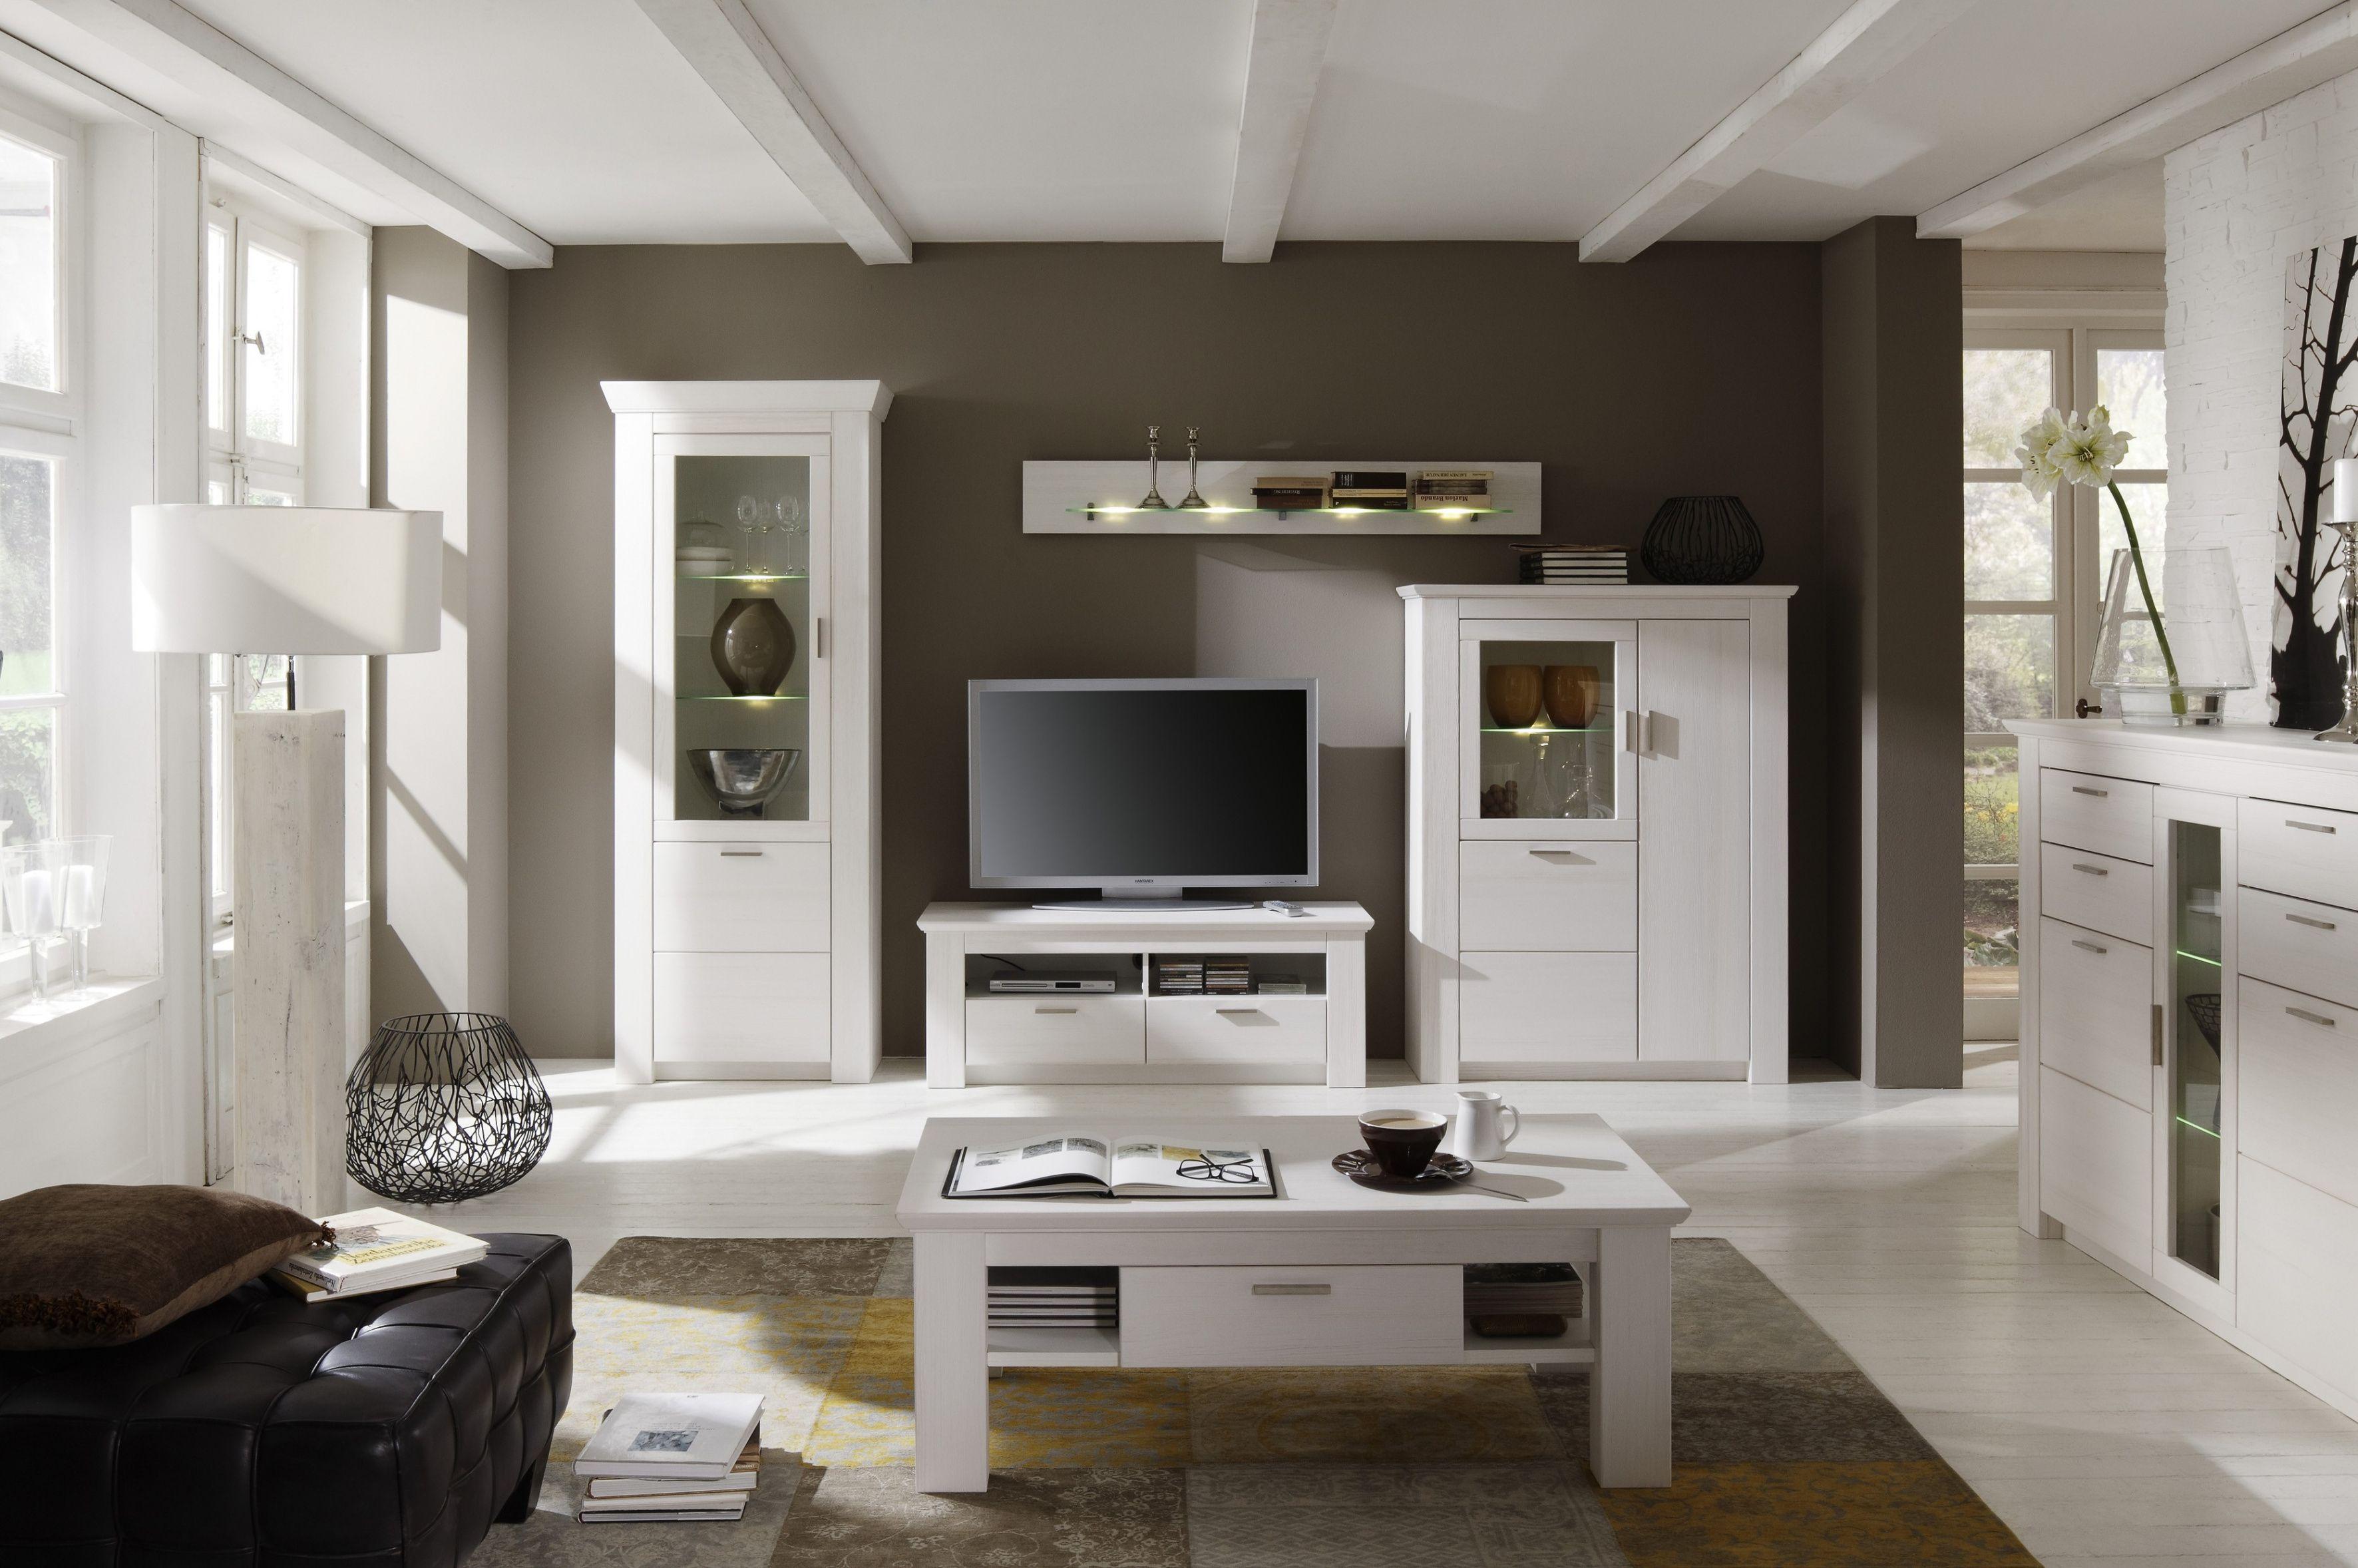 Kleines Wohnzimmer Gestalten Landhausstil Wohnzimmer Wande